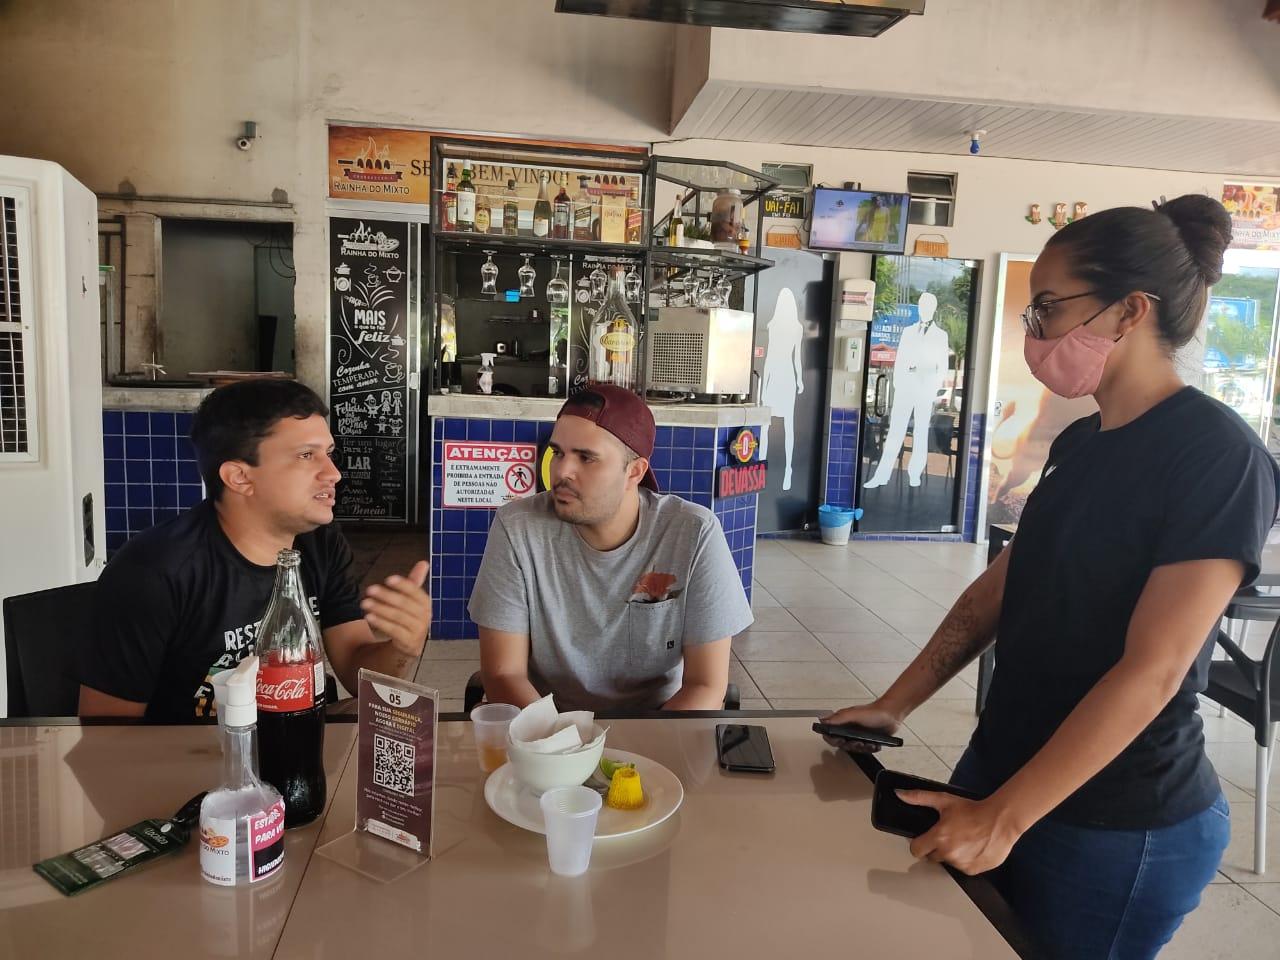 Os chefs Igor Rocha e José Neto definiram os pratos piauienses que vão participar de festival gastronômico